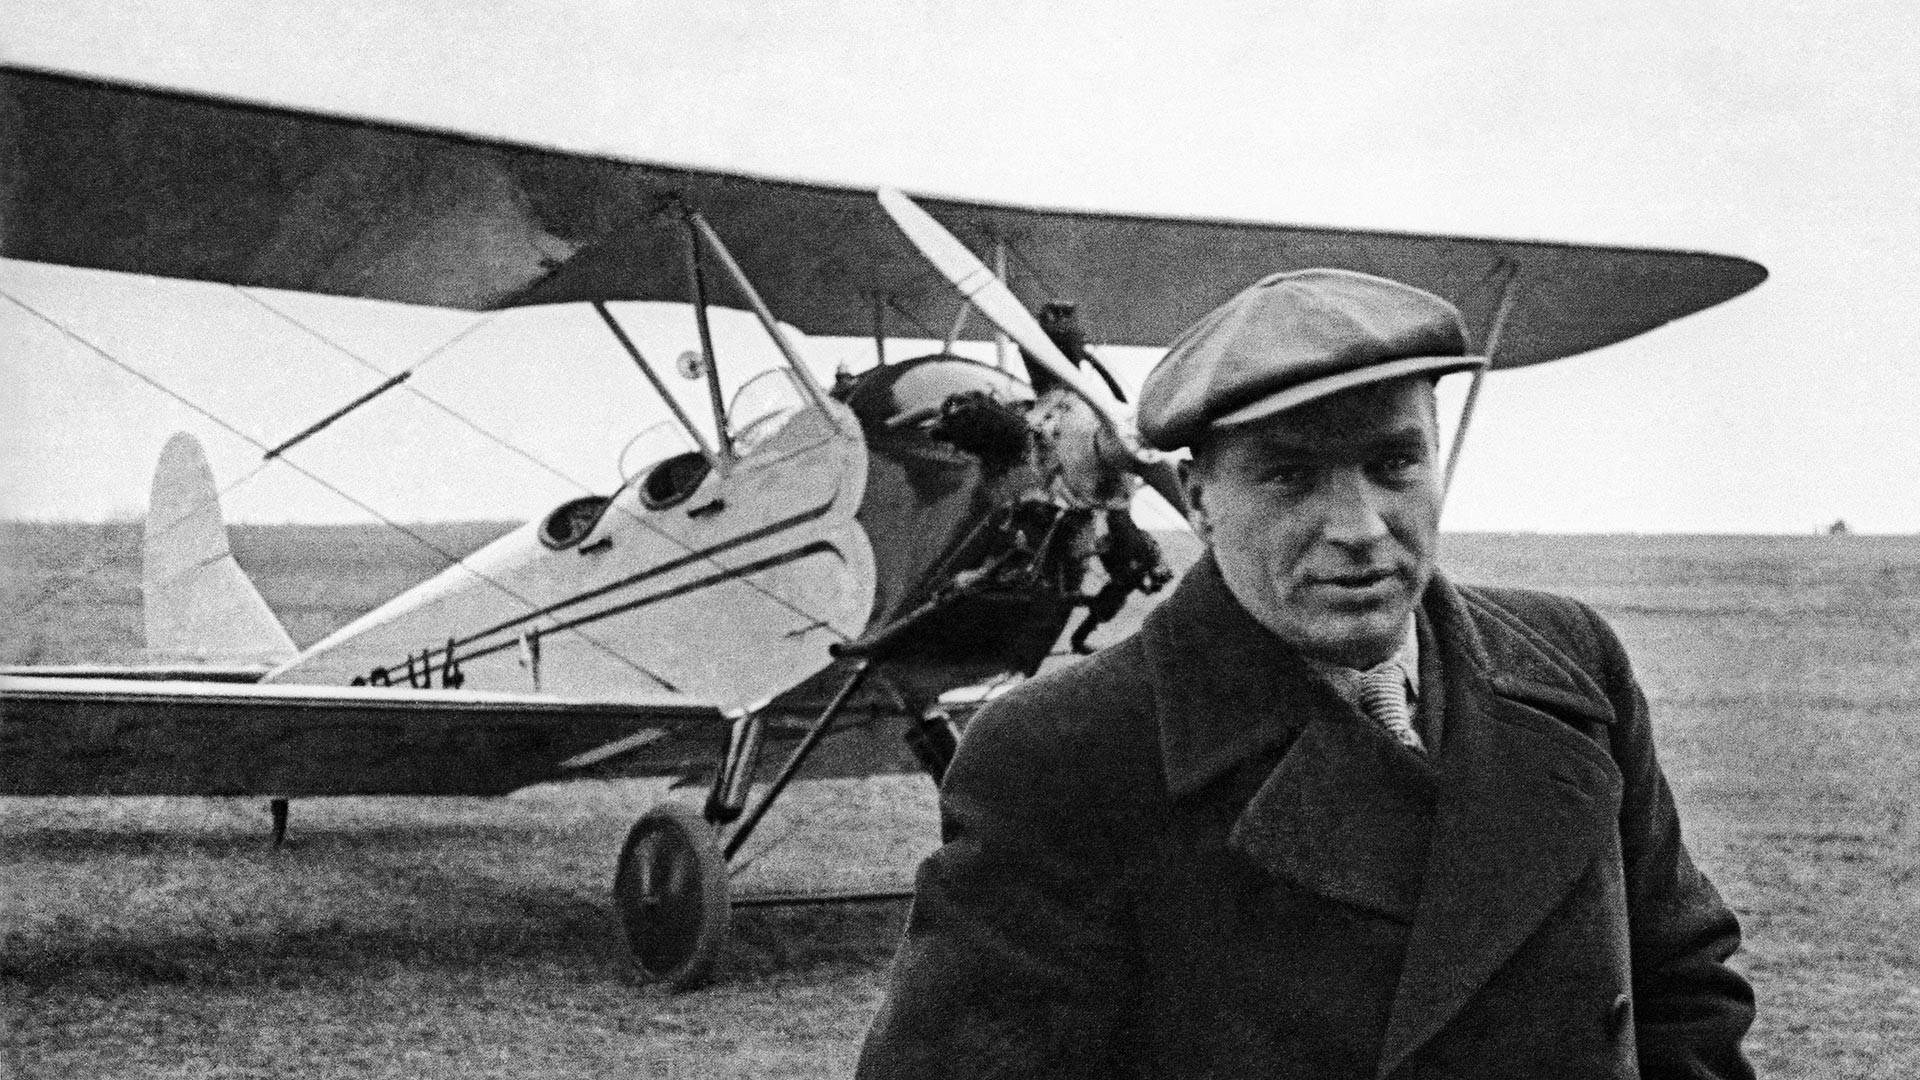 Chkálov junto a su avión personal Polikarpov Po-2.